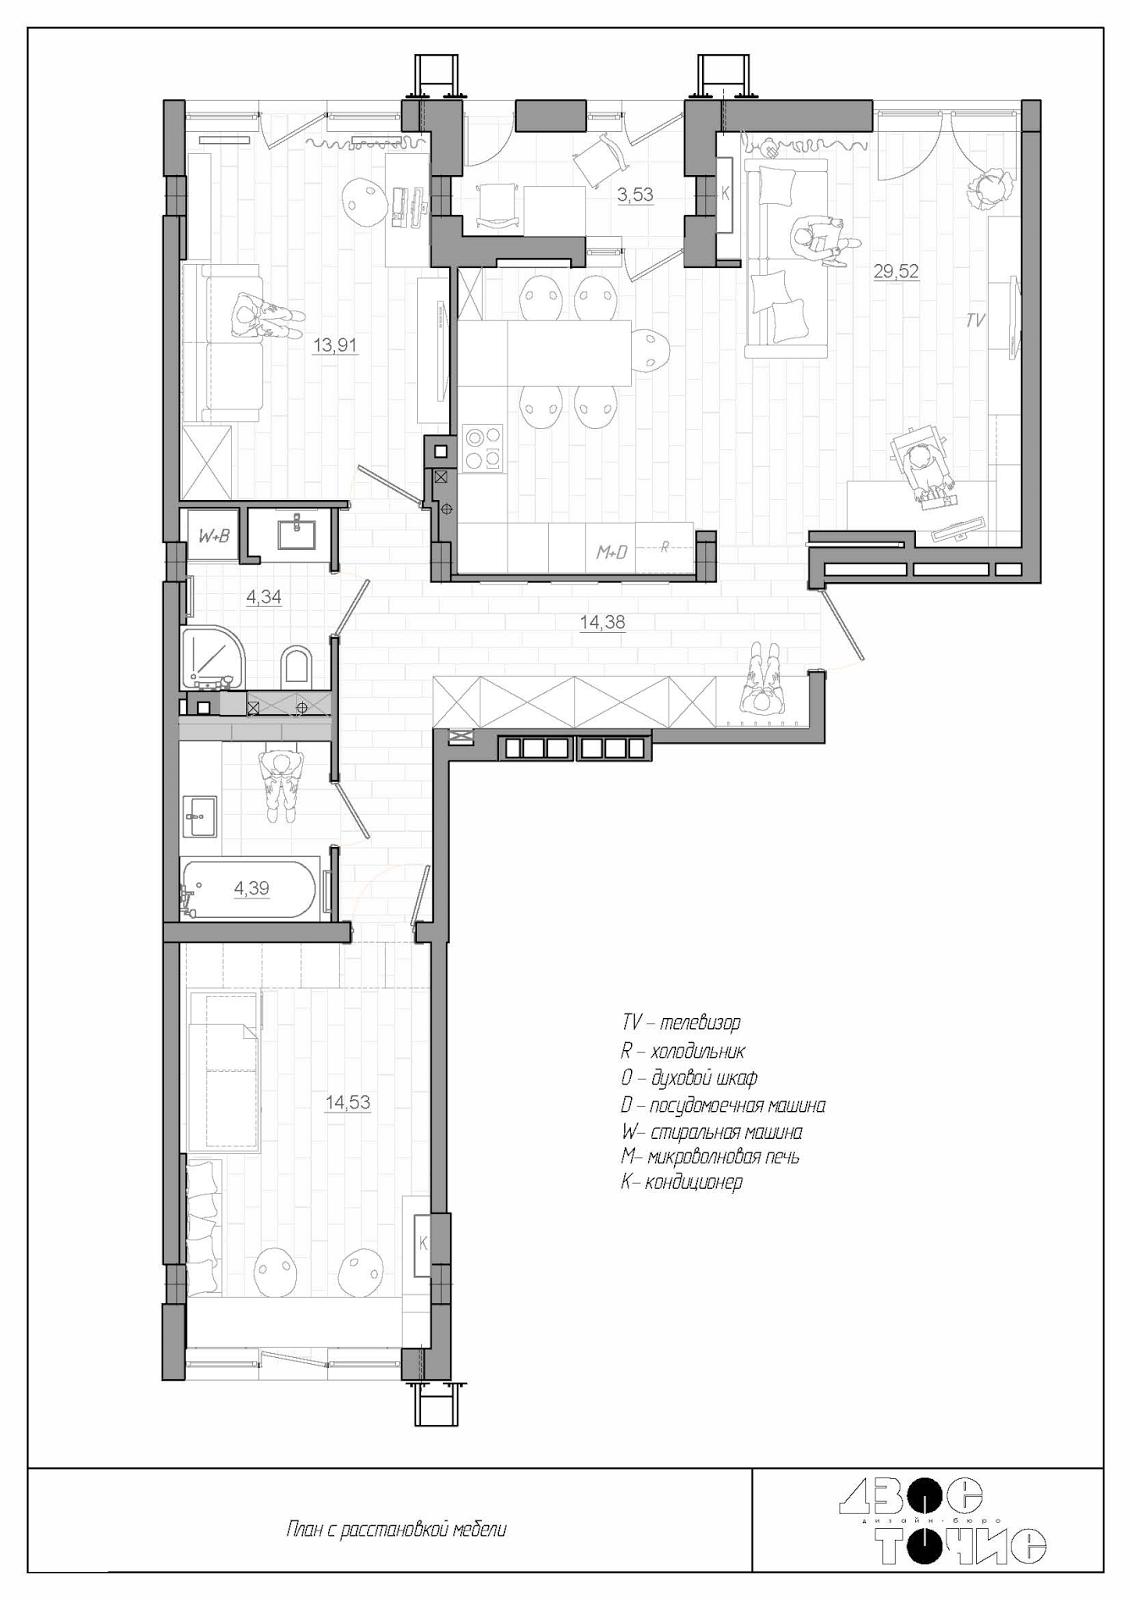 Перепланировка трехкомнатной квартиры в ЖК Комфорт-таун